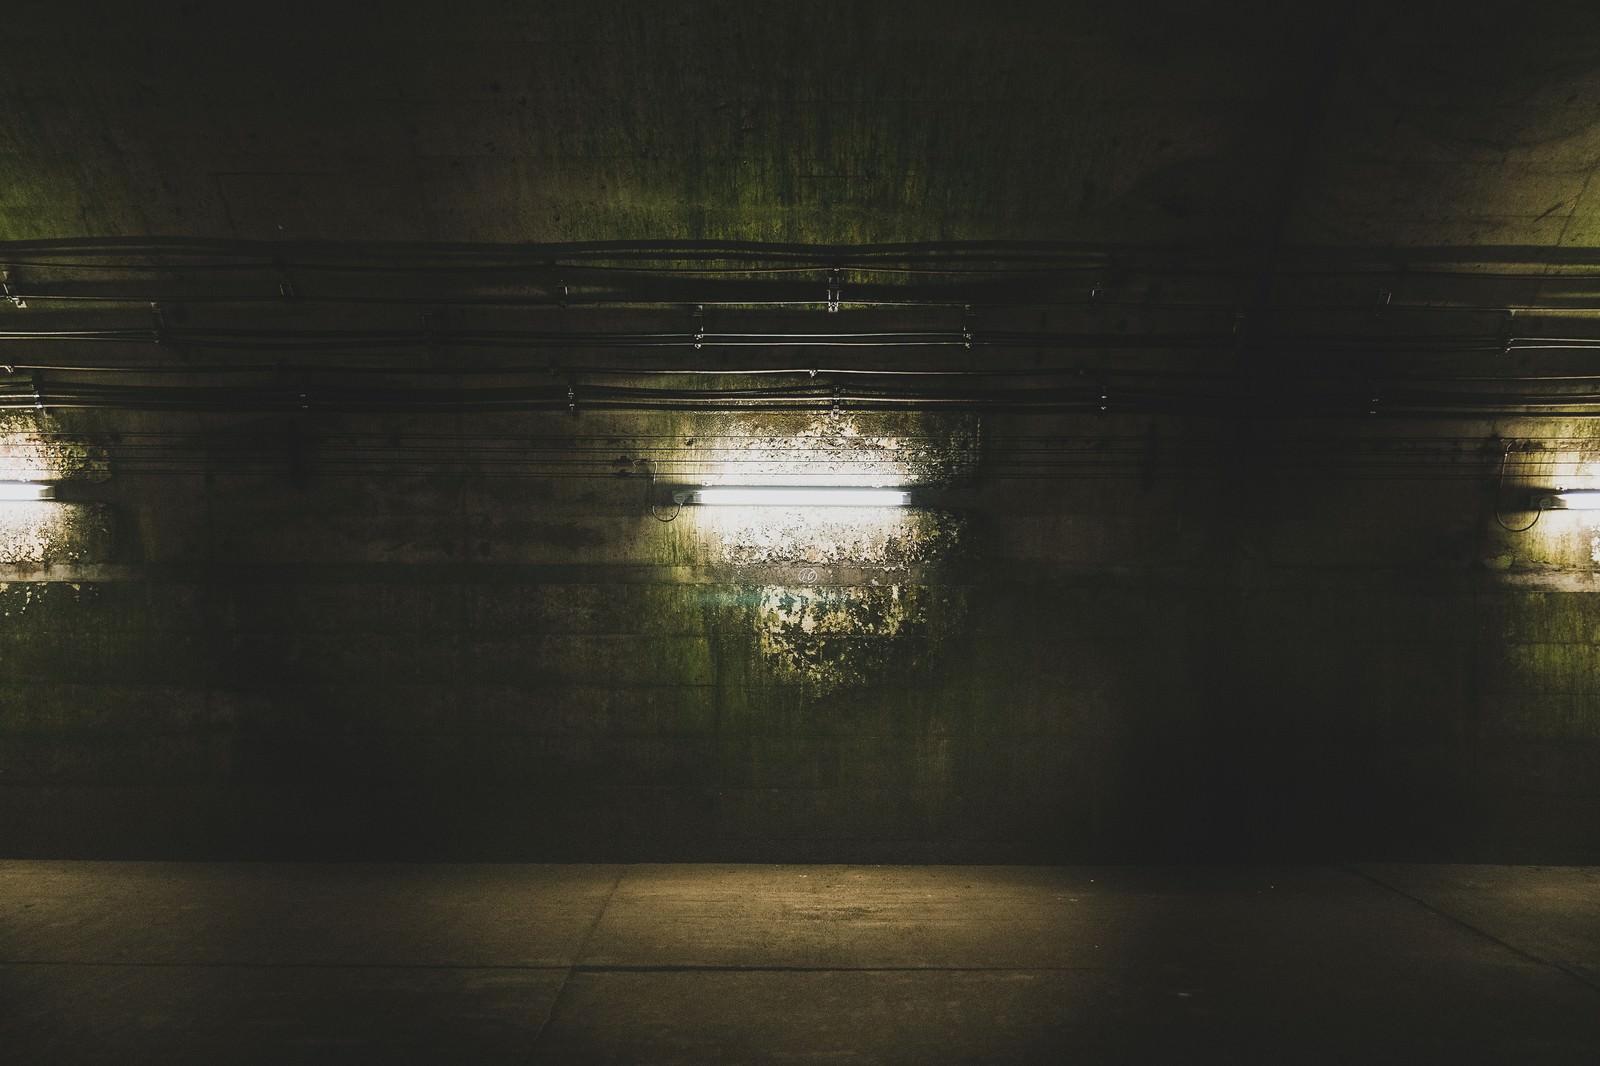 「地下へと繋がる通路の電灯(土合駅)」の写真